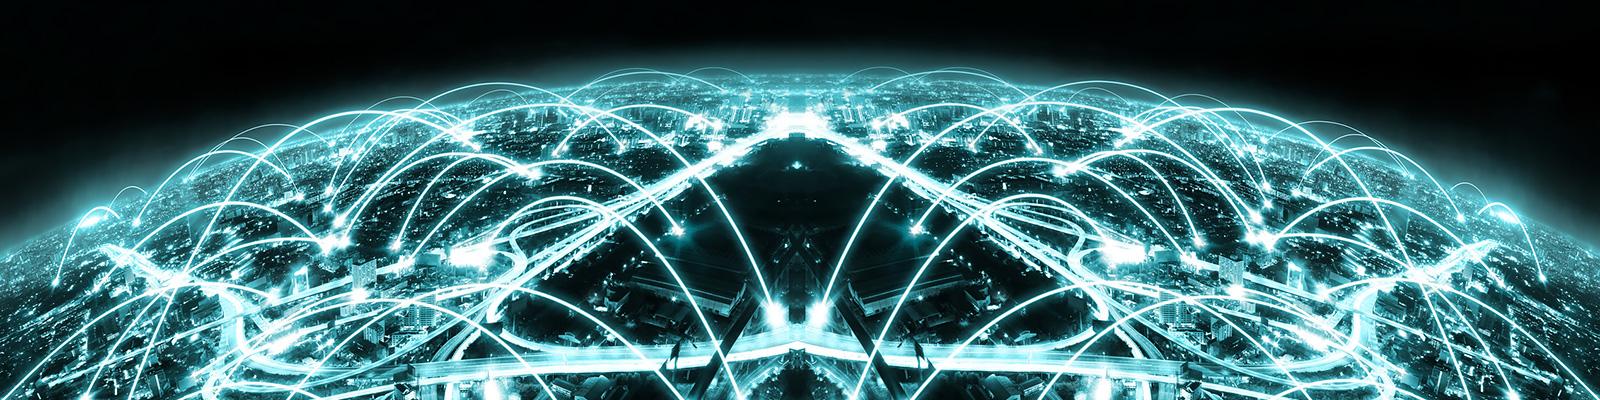 ネットワーク 電力 都市 イメージ